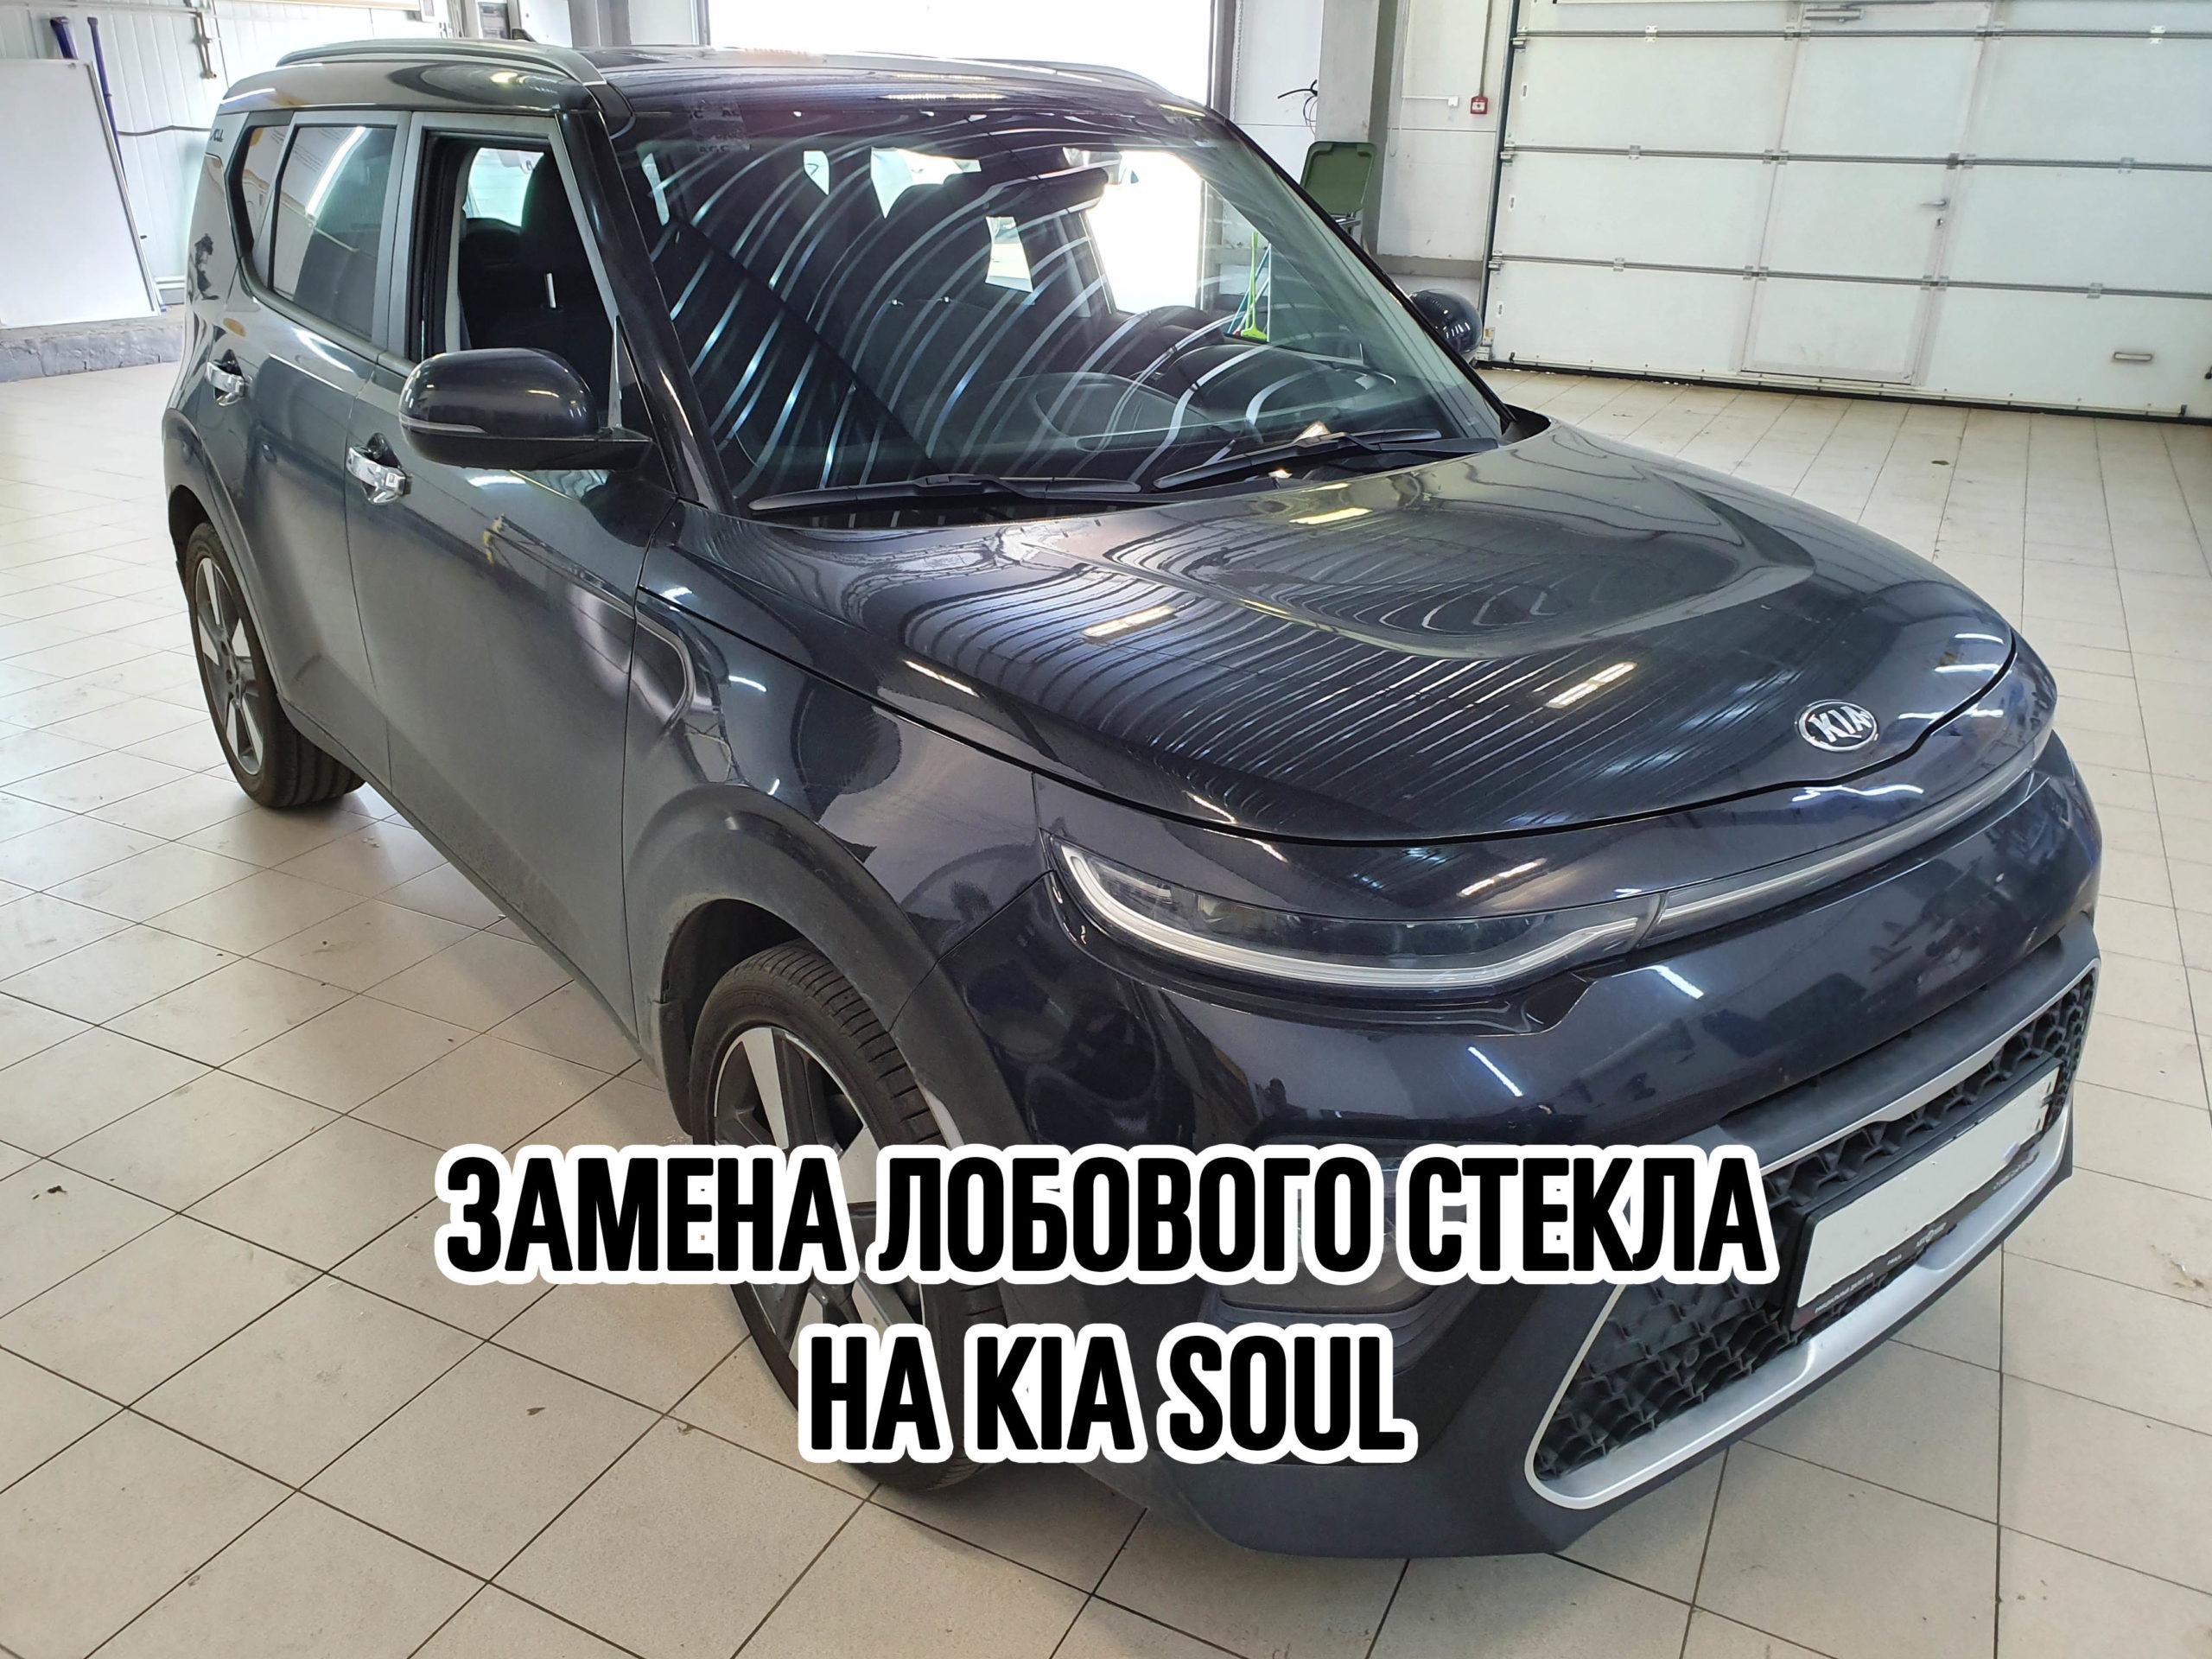 Лобовое стекло на KIA Soul купить и установить в Москве